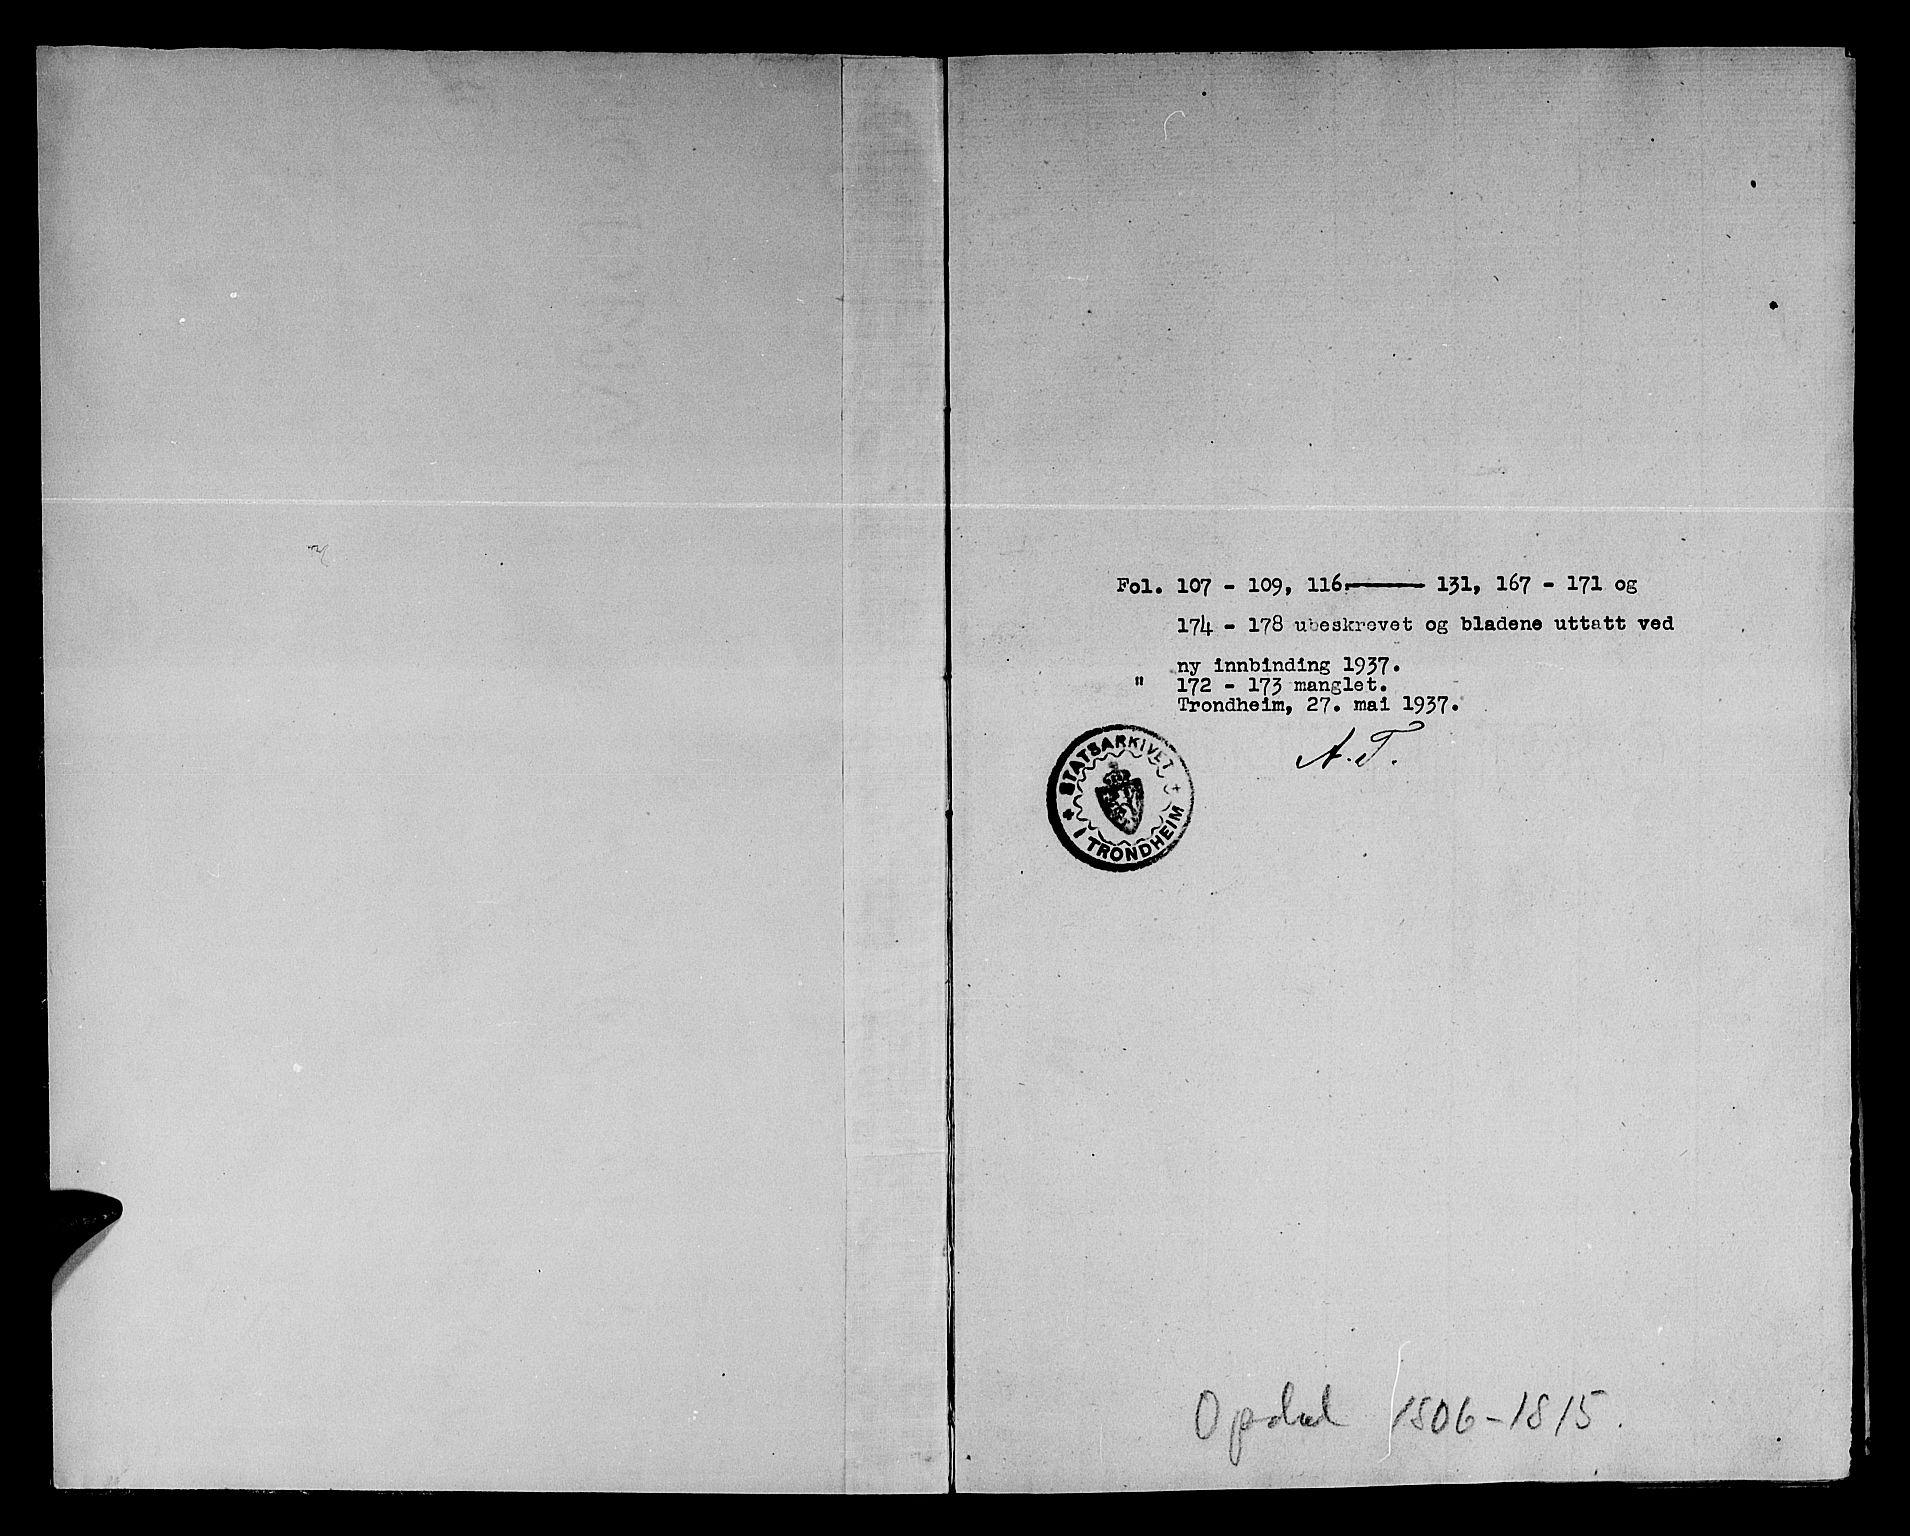 SAT, Ministerialprotokoller, klokkerbøker og fødselsregistre - Sør-Trøndelag, 678/L0894: Ministerialbok nr. 678A04, 1806-1815, s. 1